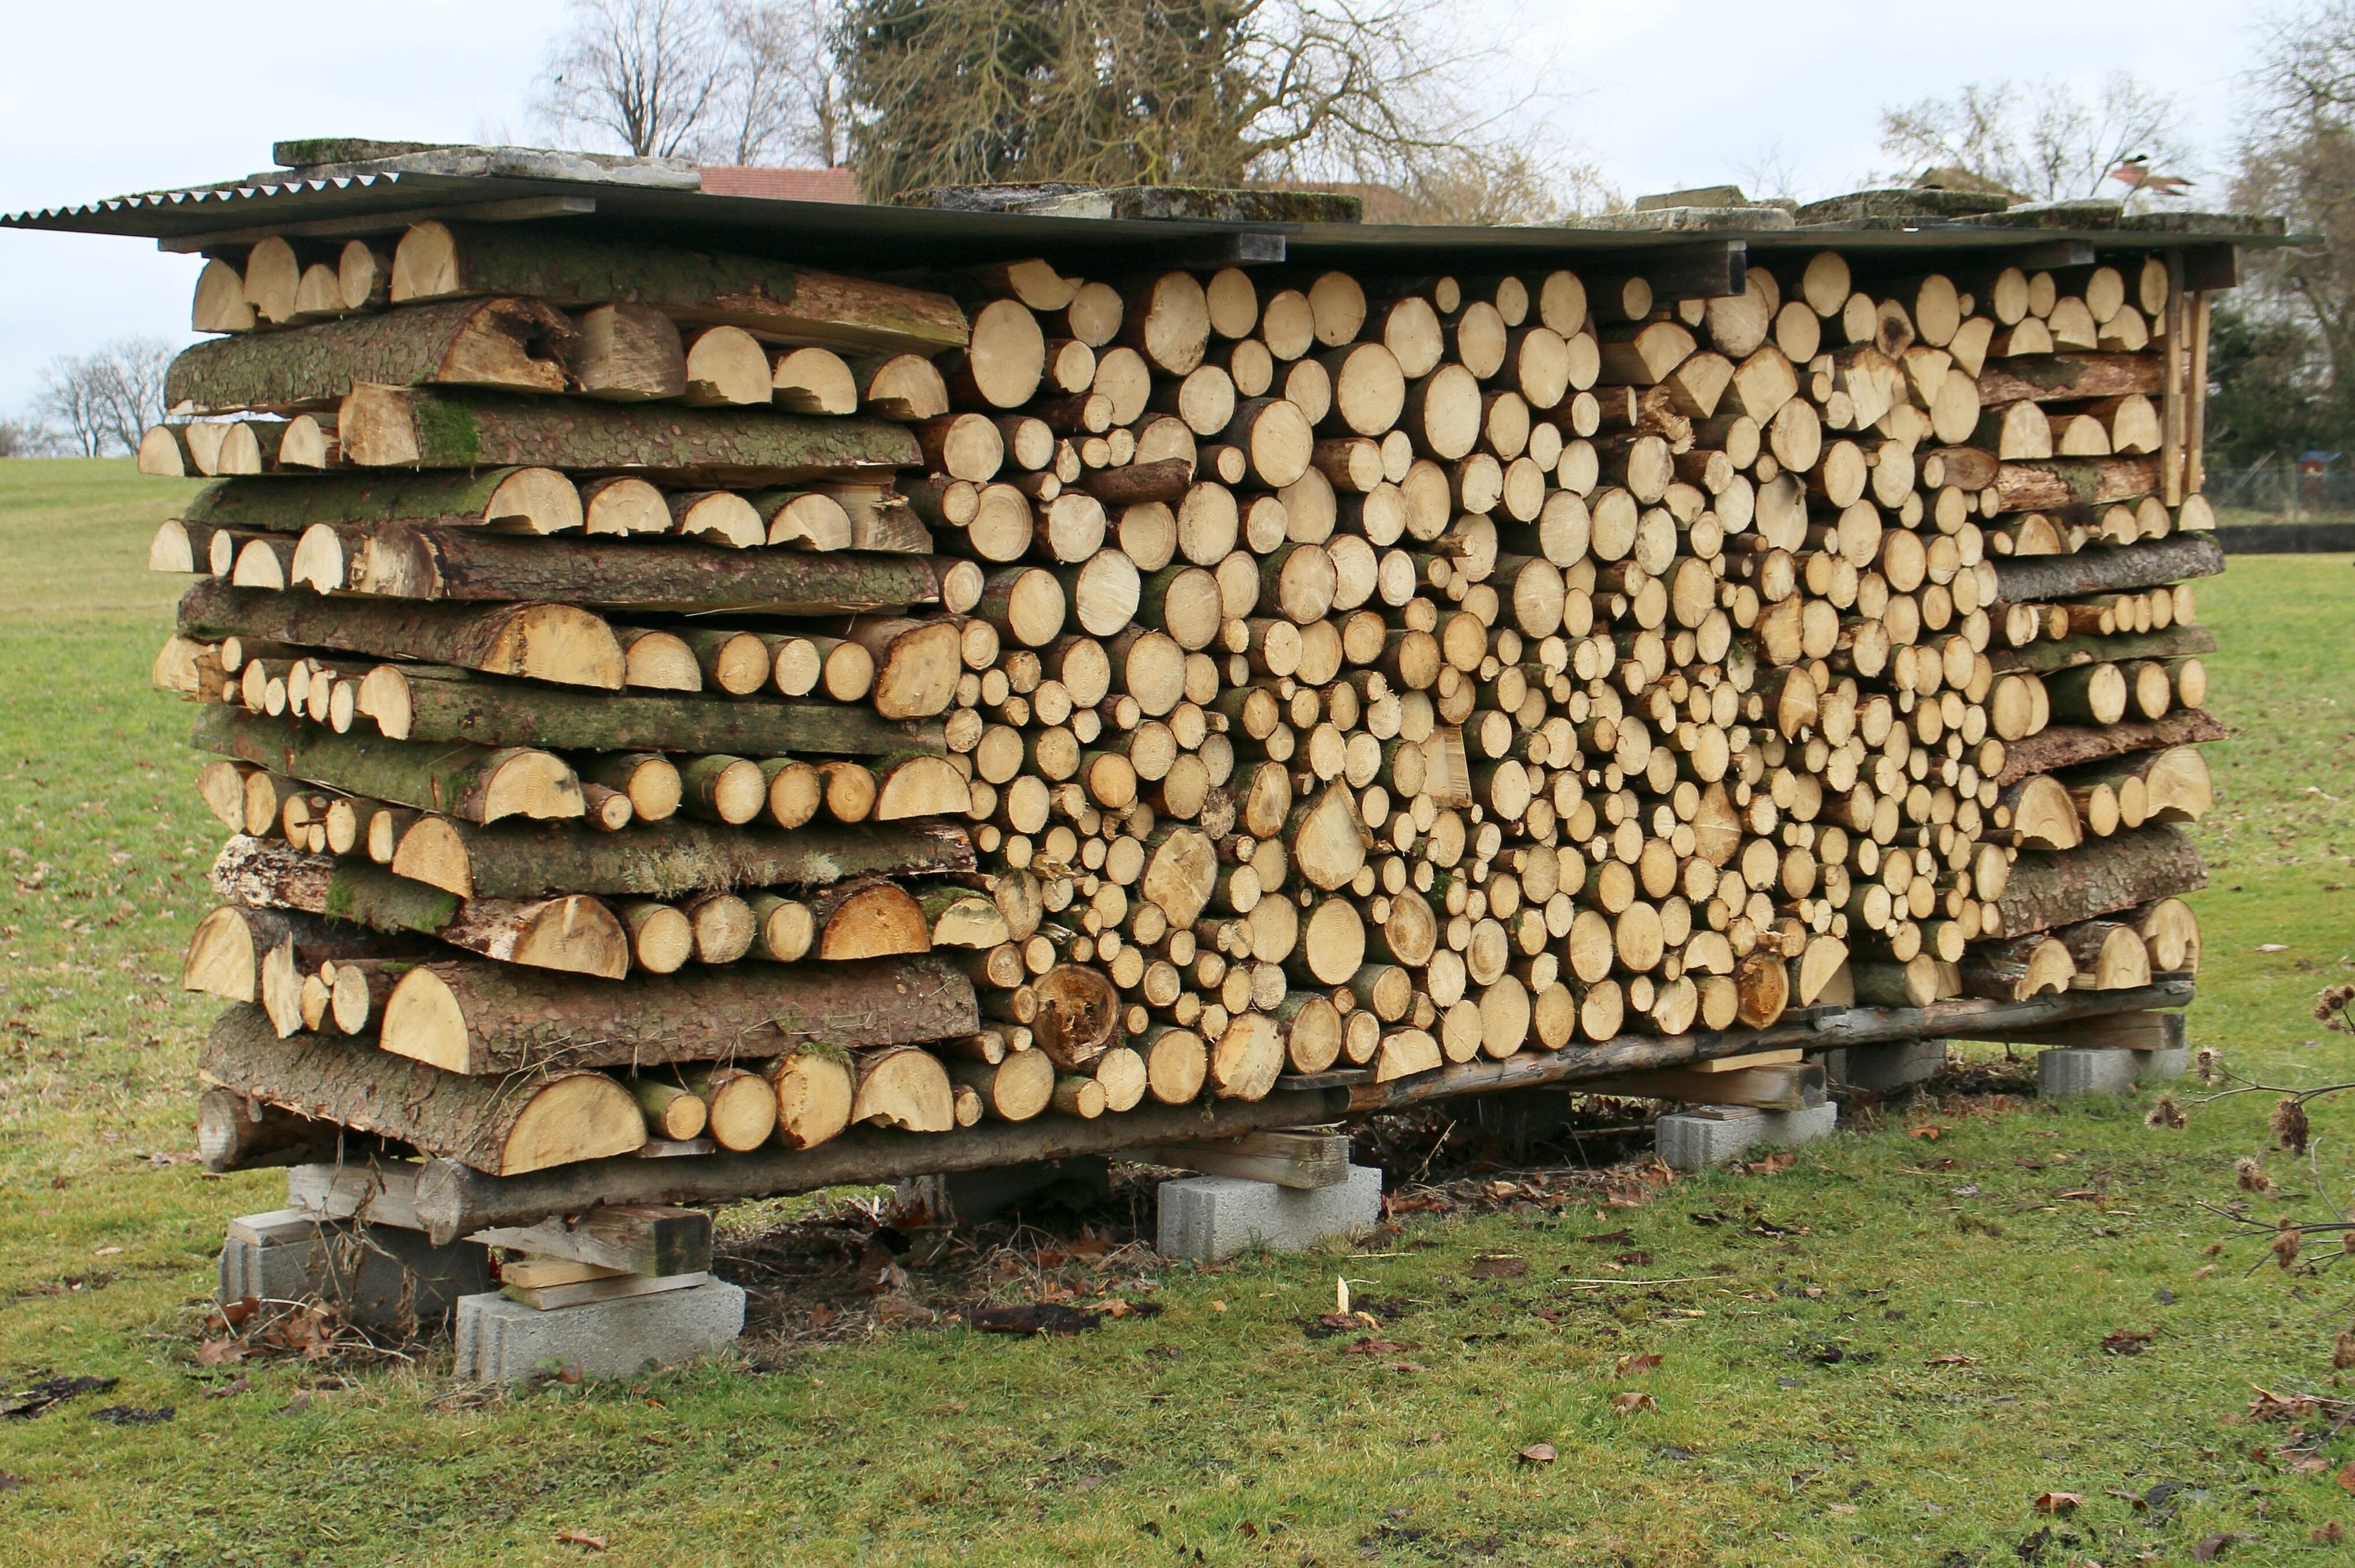 images gratuites la nature bois de chauffage empiler agriculture bois d 39 oeuvre invert br. Black Bedroom Furniture Sets. Home Design Ideas